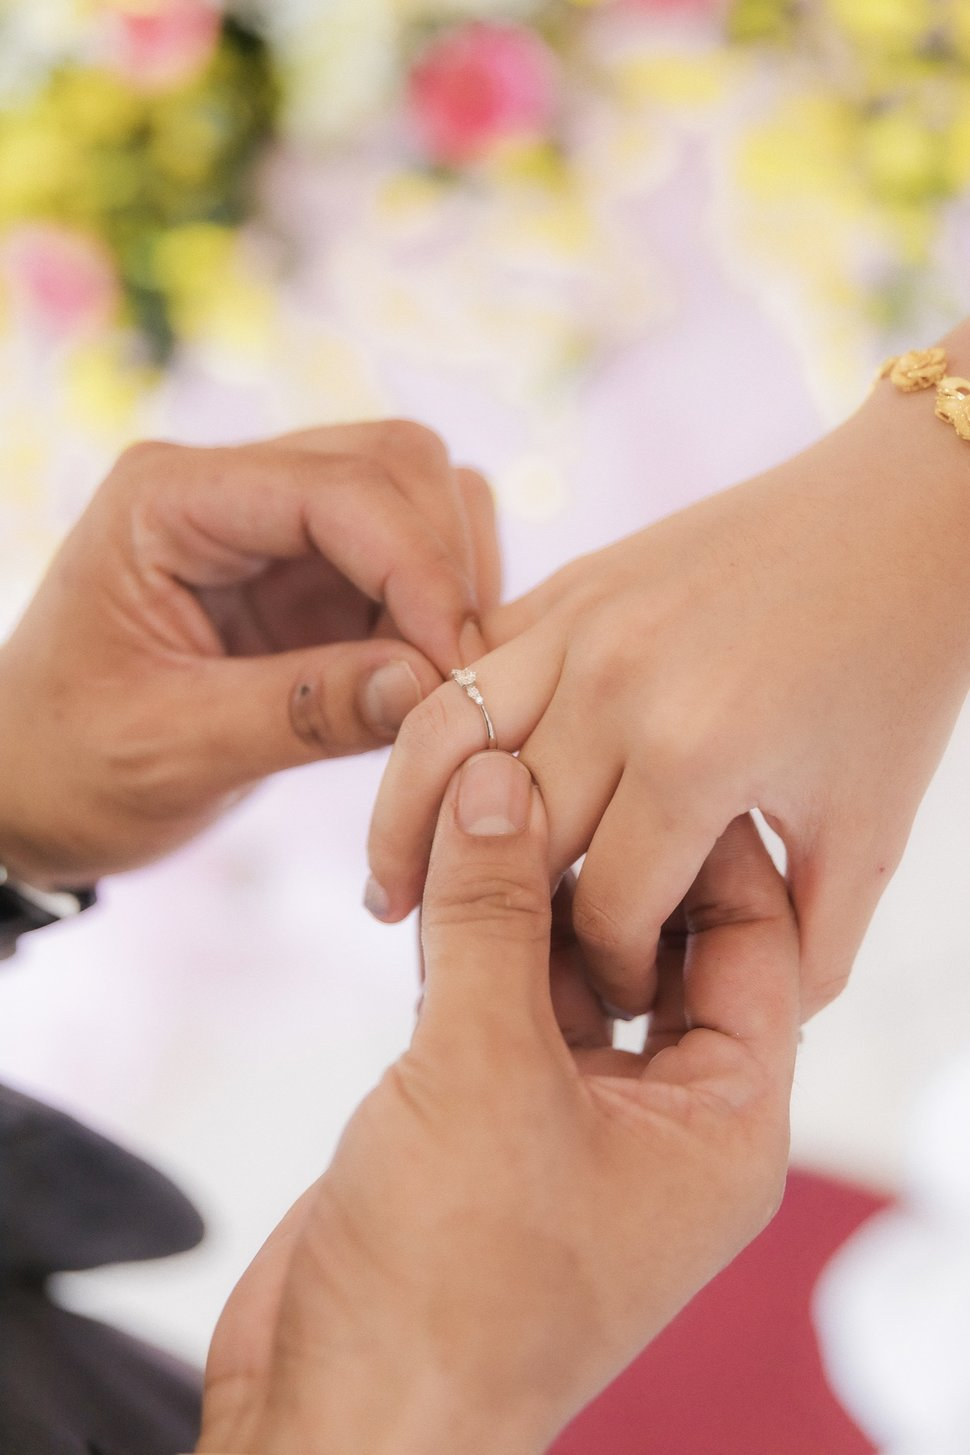 婚禮攝影-24 - Khalil Chou (凱勒·周)《結婚吧》